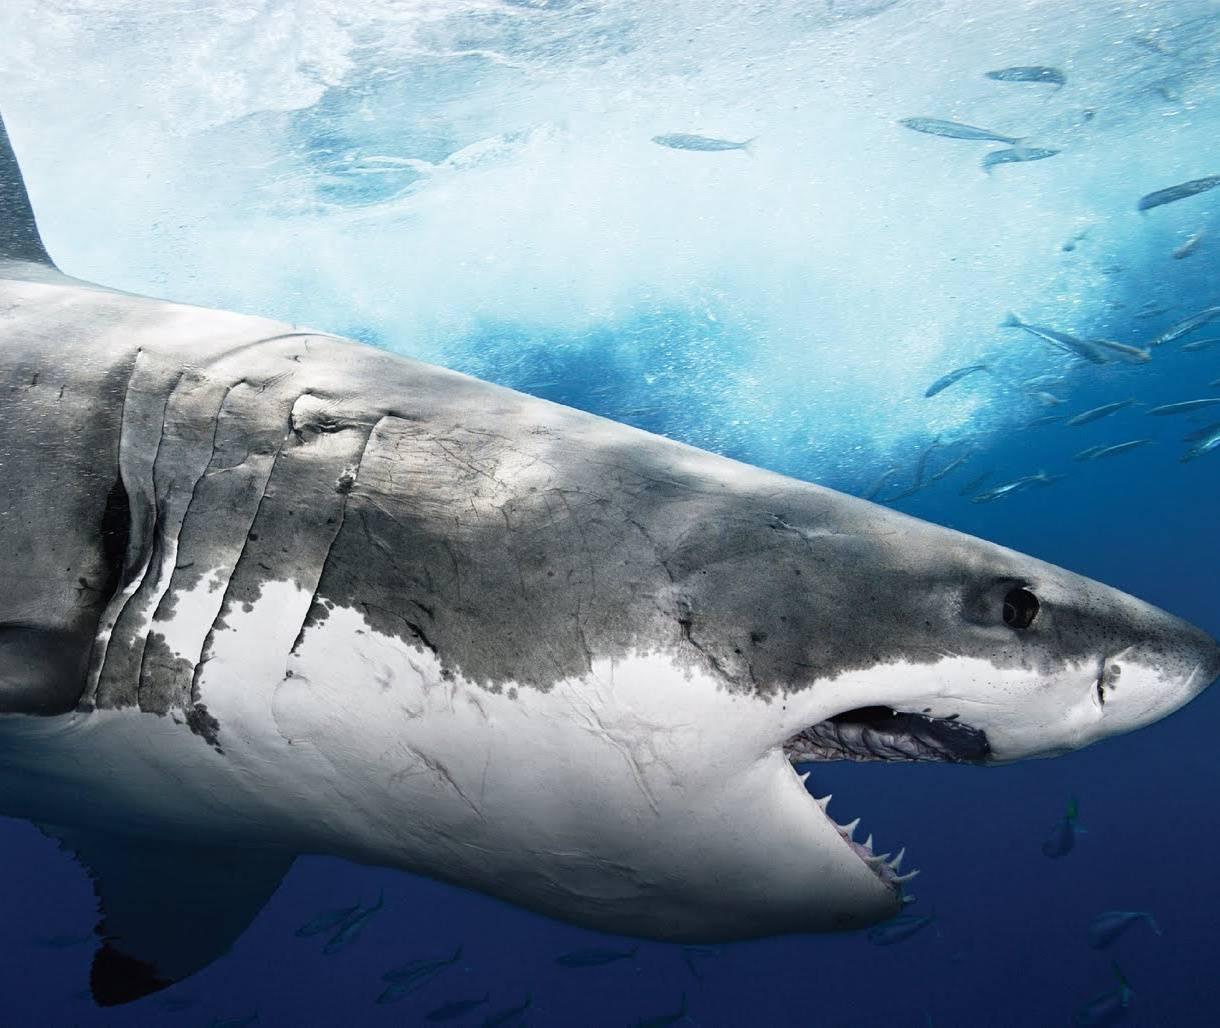 Suuper Sneaky Shark